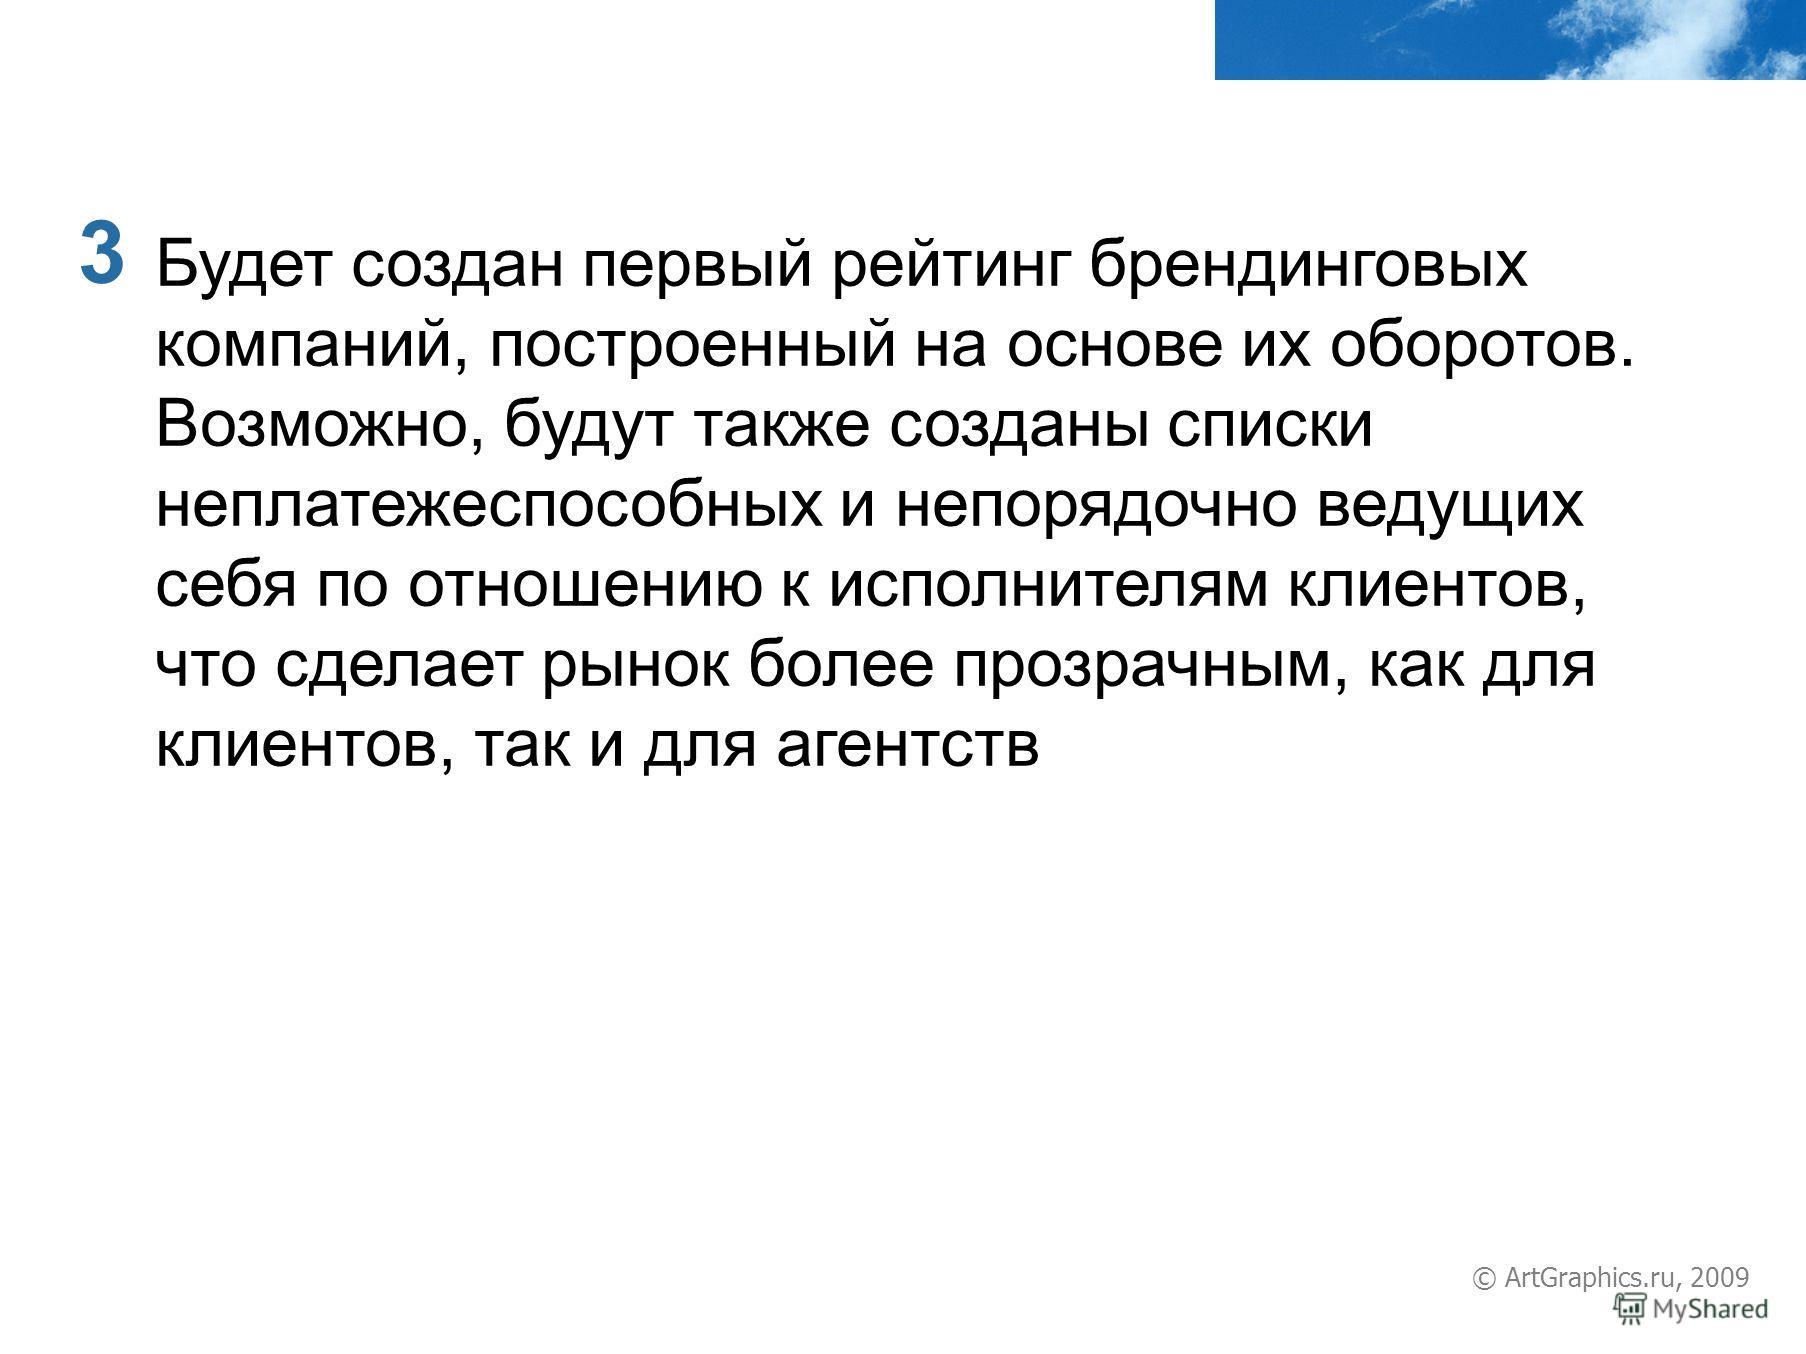 3 © ArtGraphics.ru, 2009 Будет создан первый рейтинг брендинговых компаний, построенный на основе их оборотов. Возможно, будут также созданы списки неплатежеспособных и непорядочно ведущих себя по отношению к исполнителям клиентов, что сделает рынок